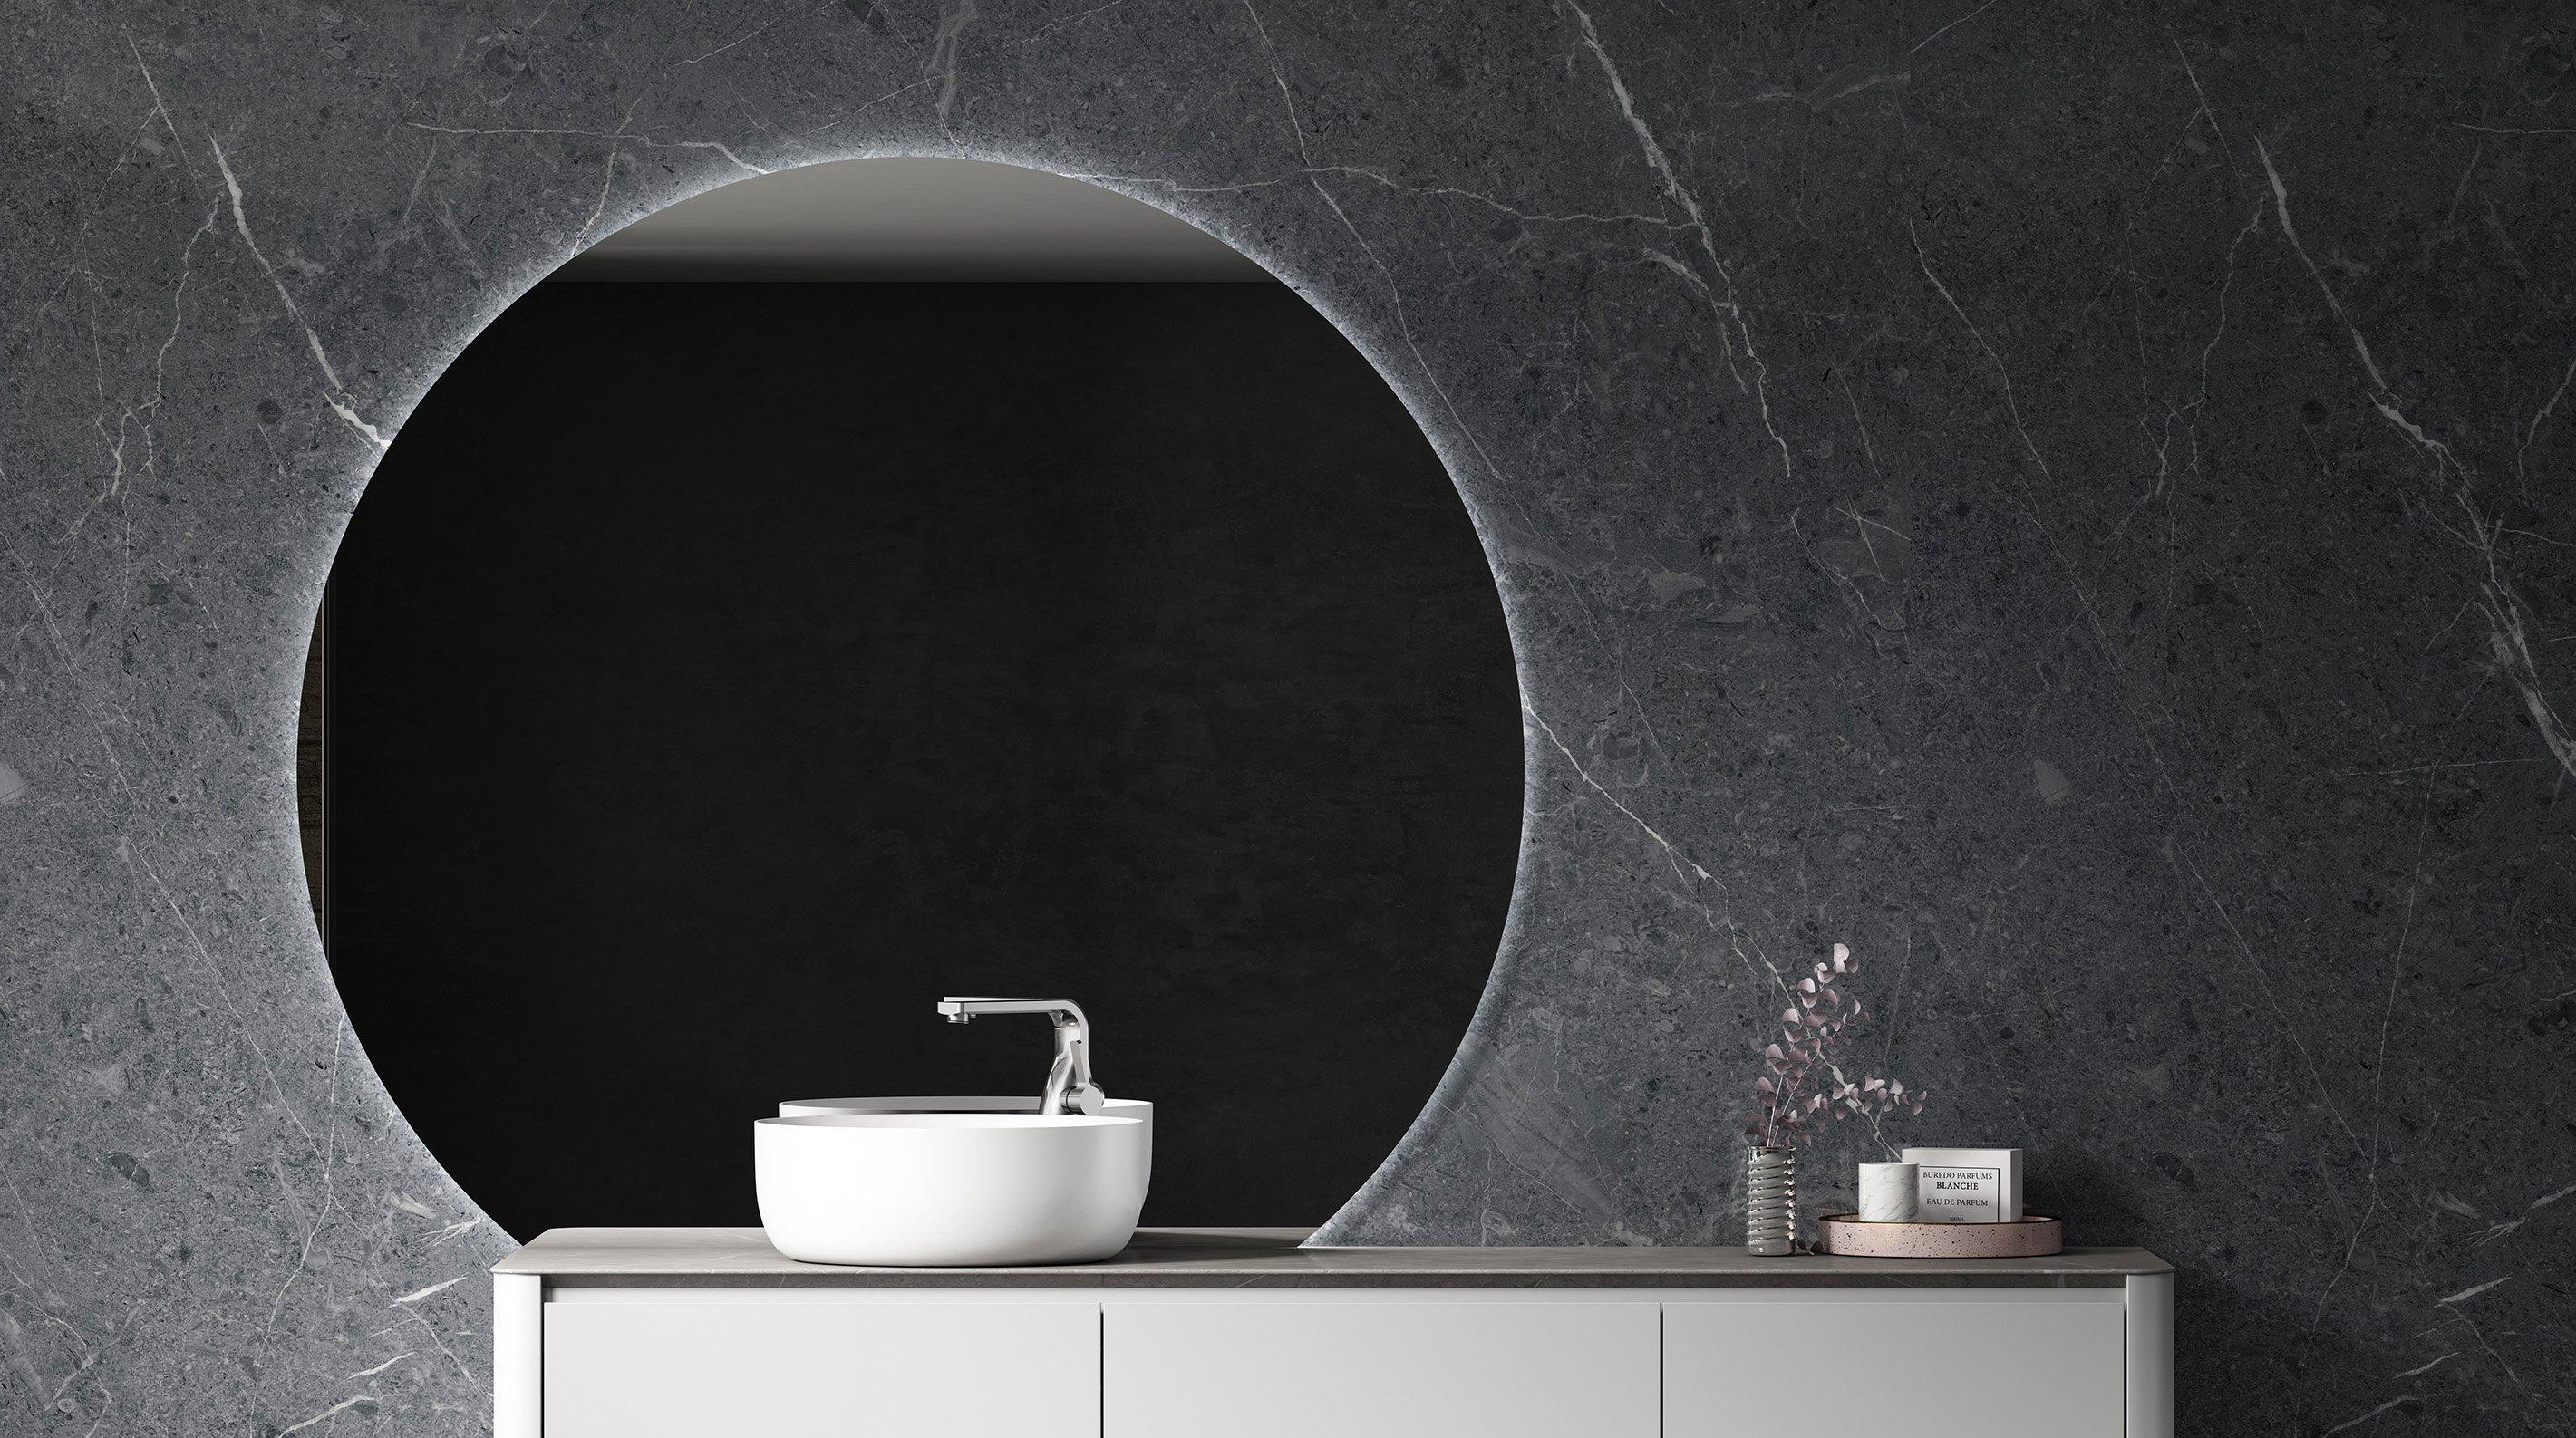 LED Lichtspiegel Badspiegel rund BOVA mit Spiegelheizung - 130 x 118 cm